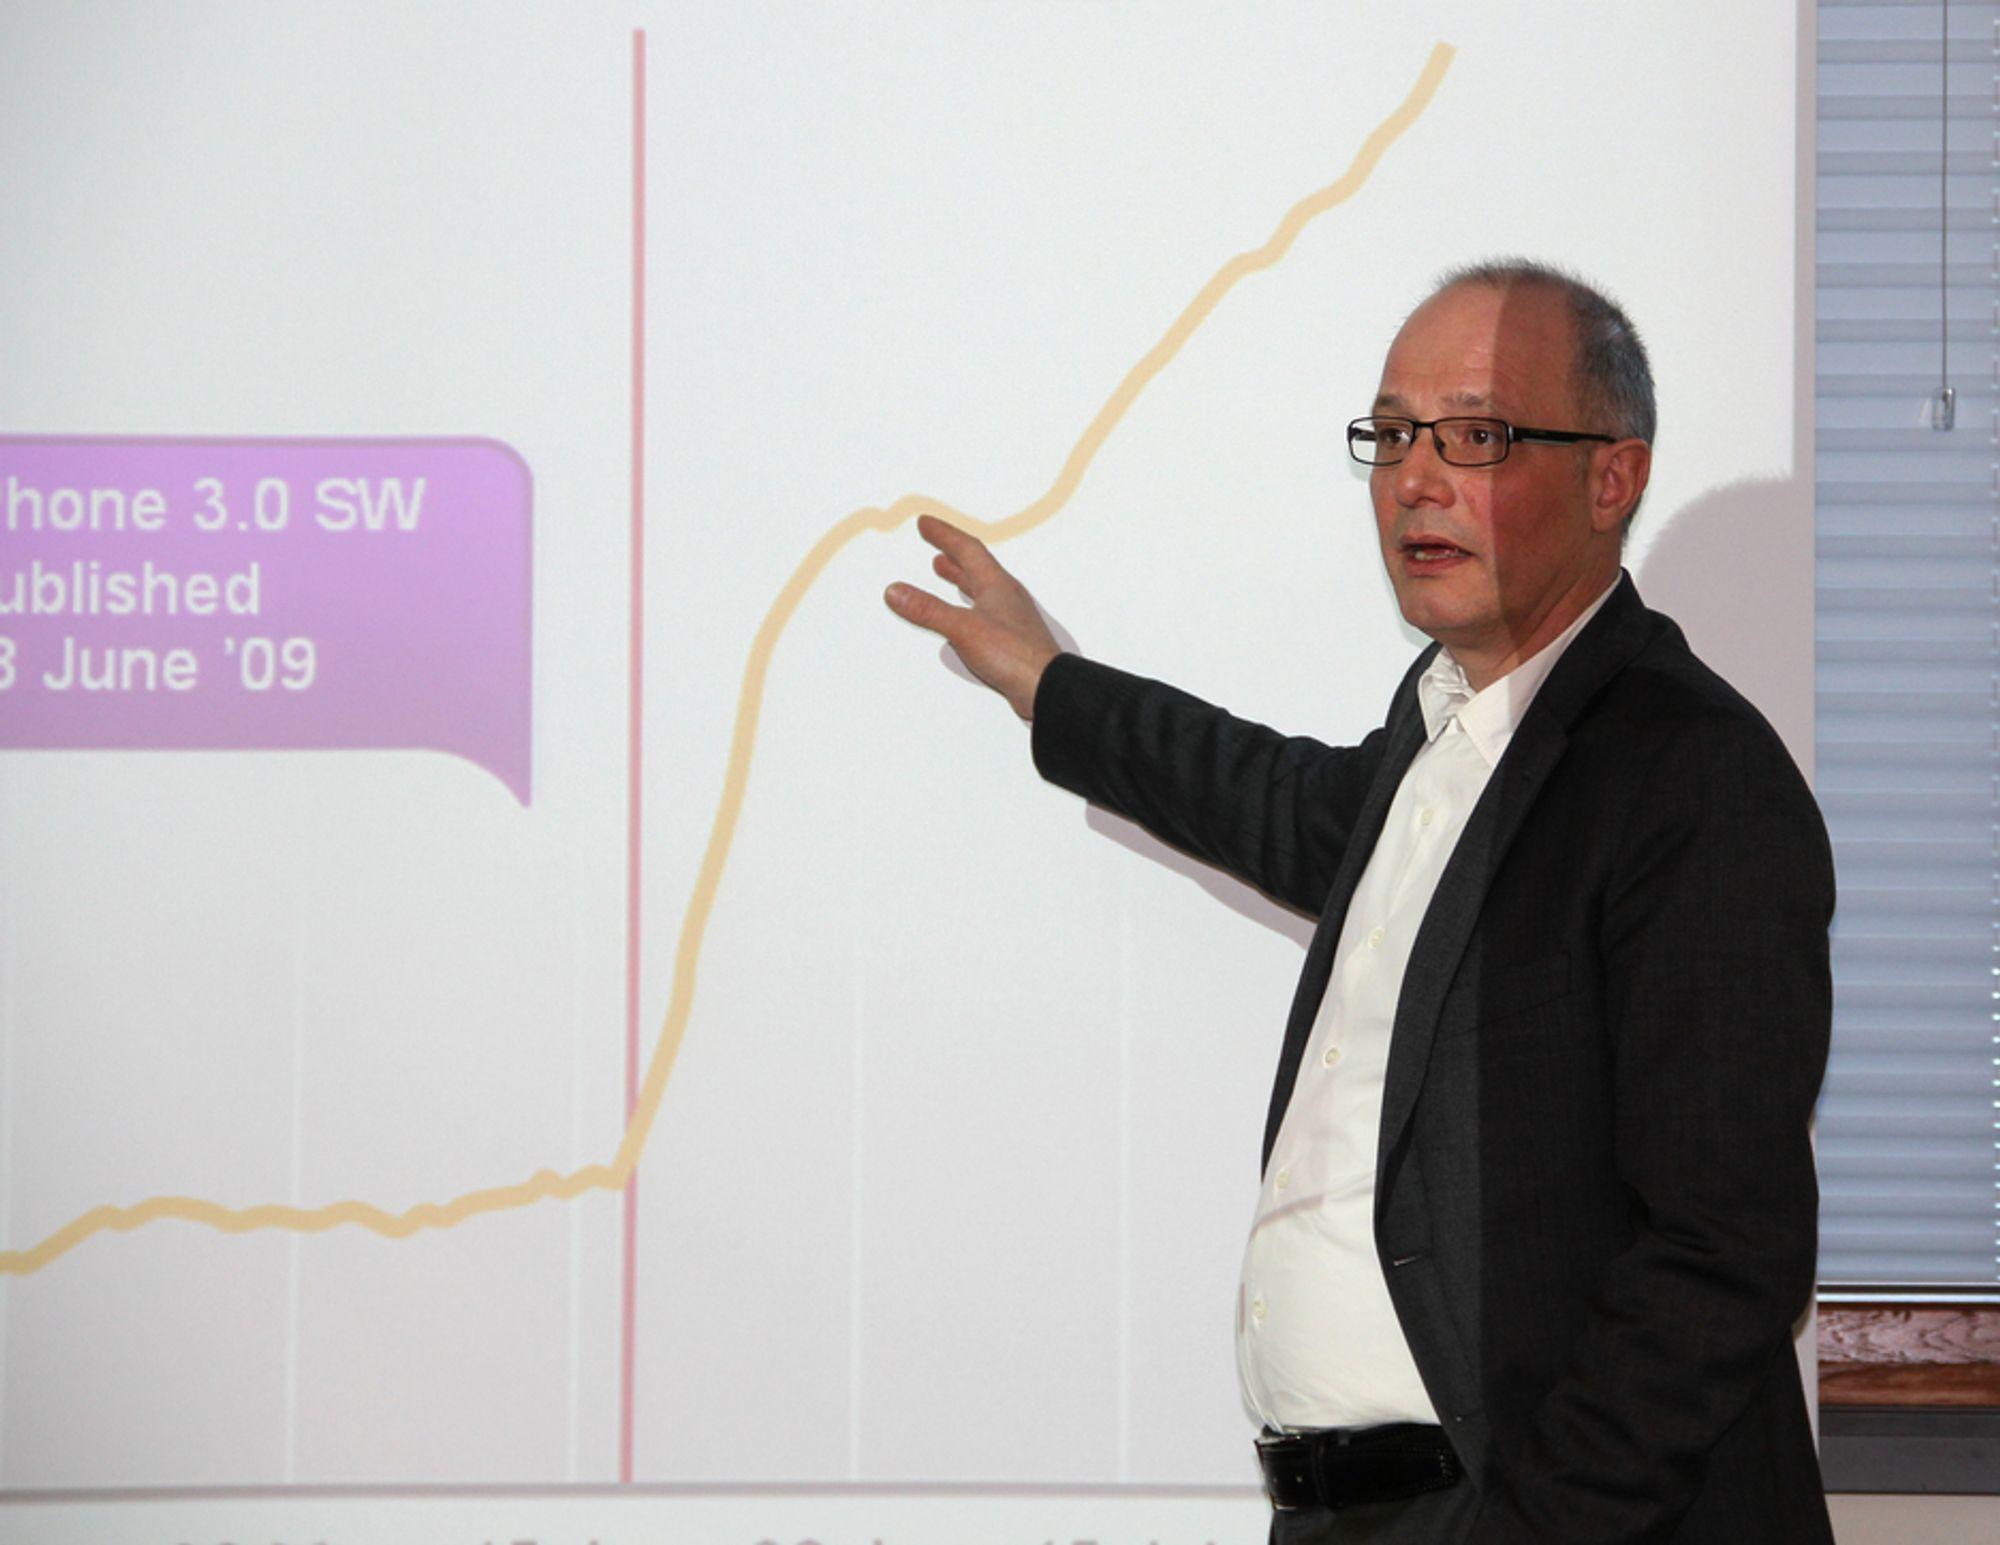 VIL FORLENGE BATTERILEVETIDEN: Sjefen for Nokia Siemens Networks i Norge, Finn Erik Hermansen vil bruke ny teknologi for å få lengre batterilevetid i smartmobiler.